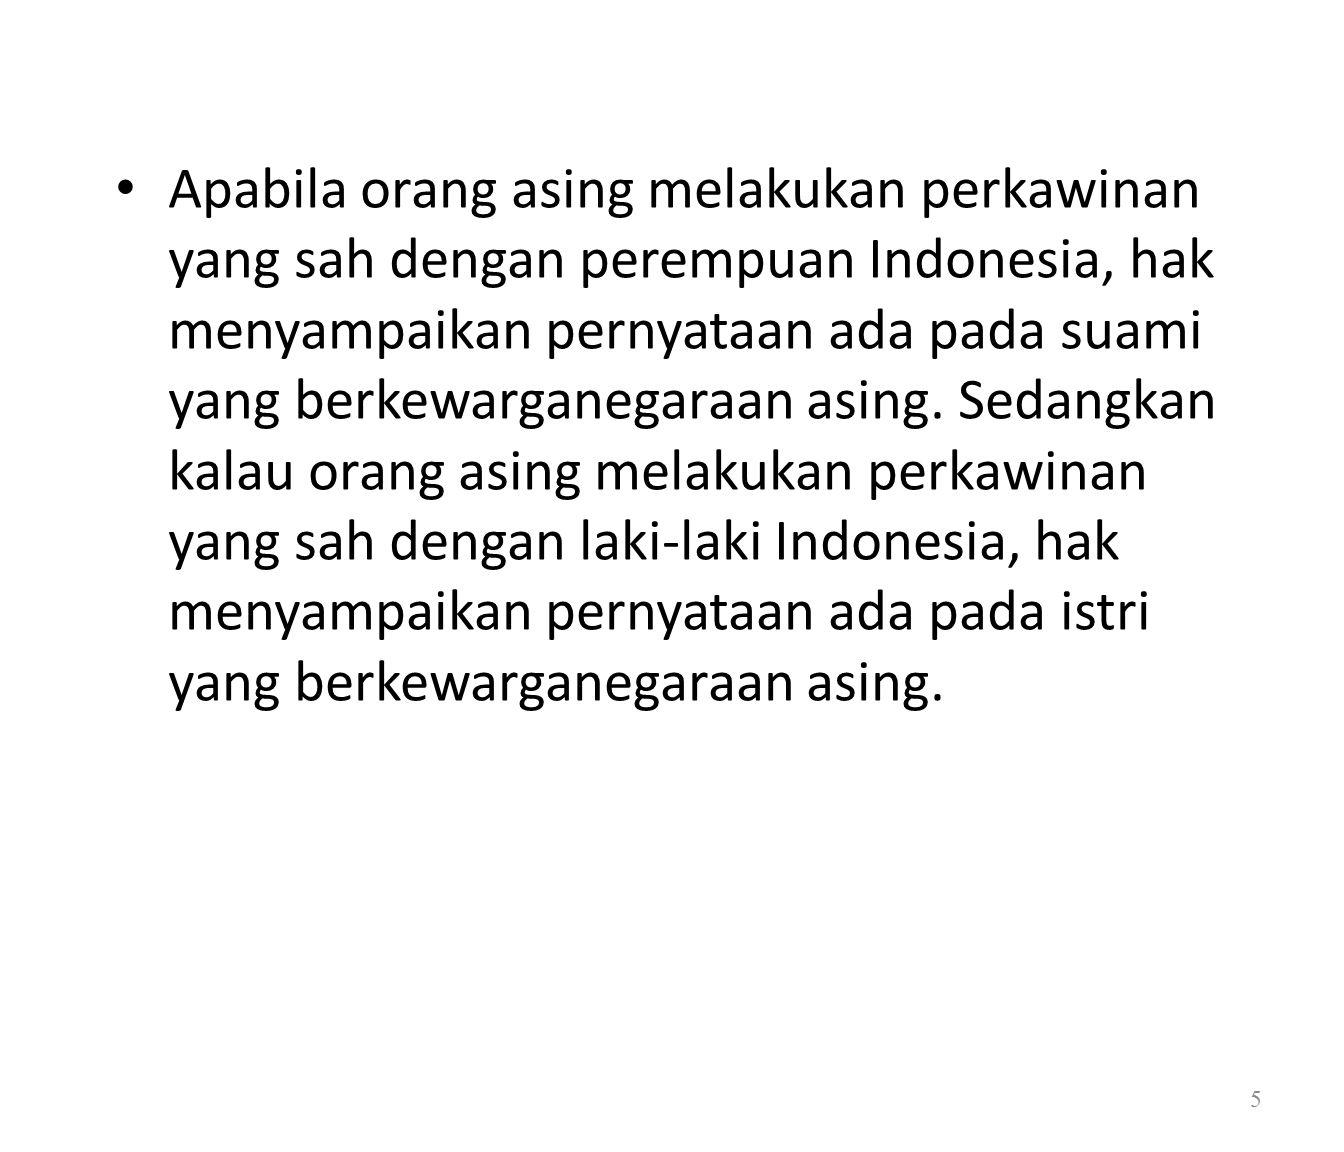 Apabila orang asing melakukan perkawinan yang sah dengan perempuan Indonesia, hak menyampaikan pernyataan ada pada suami yang berkewarganegaraan asing.